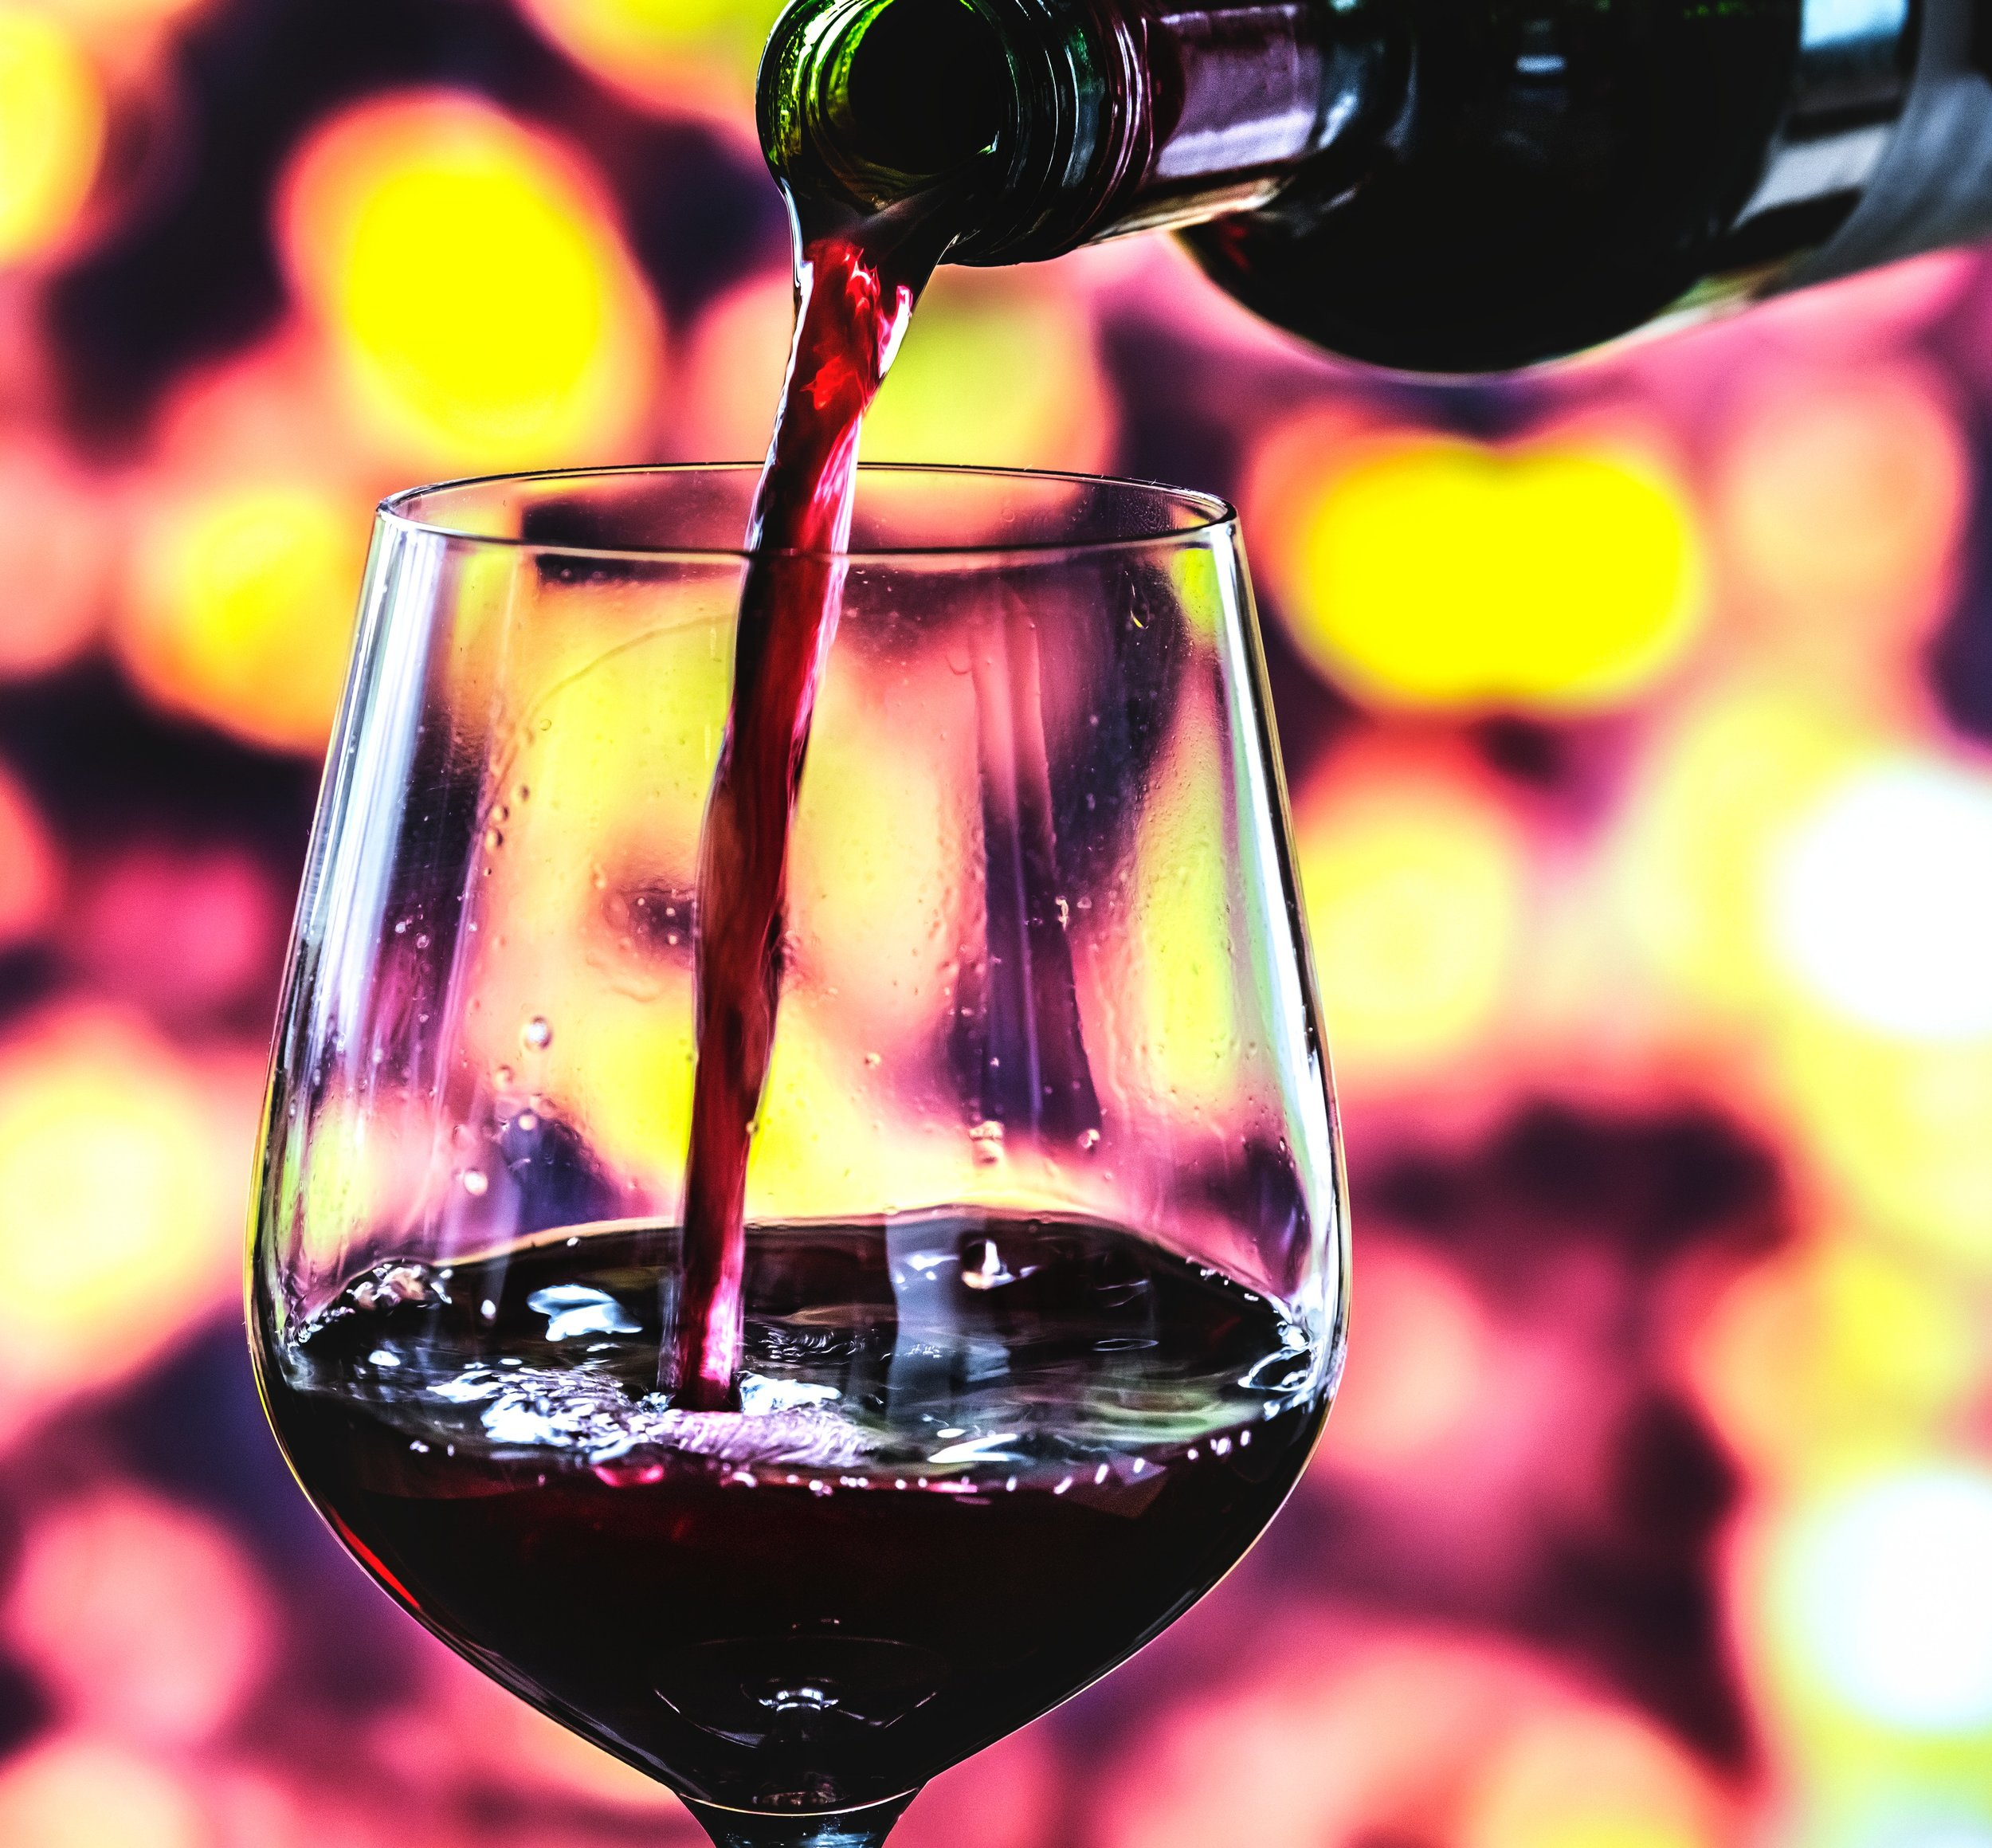 alcohol-beverage-blurred-background-1642765.jpg